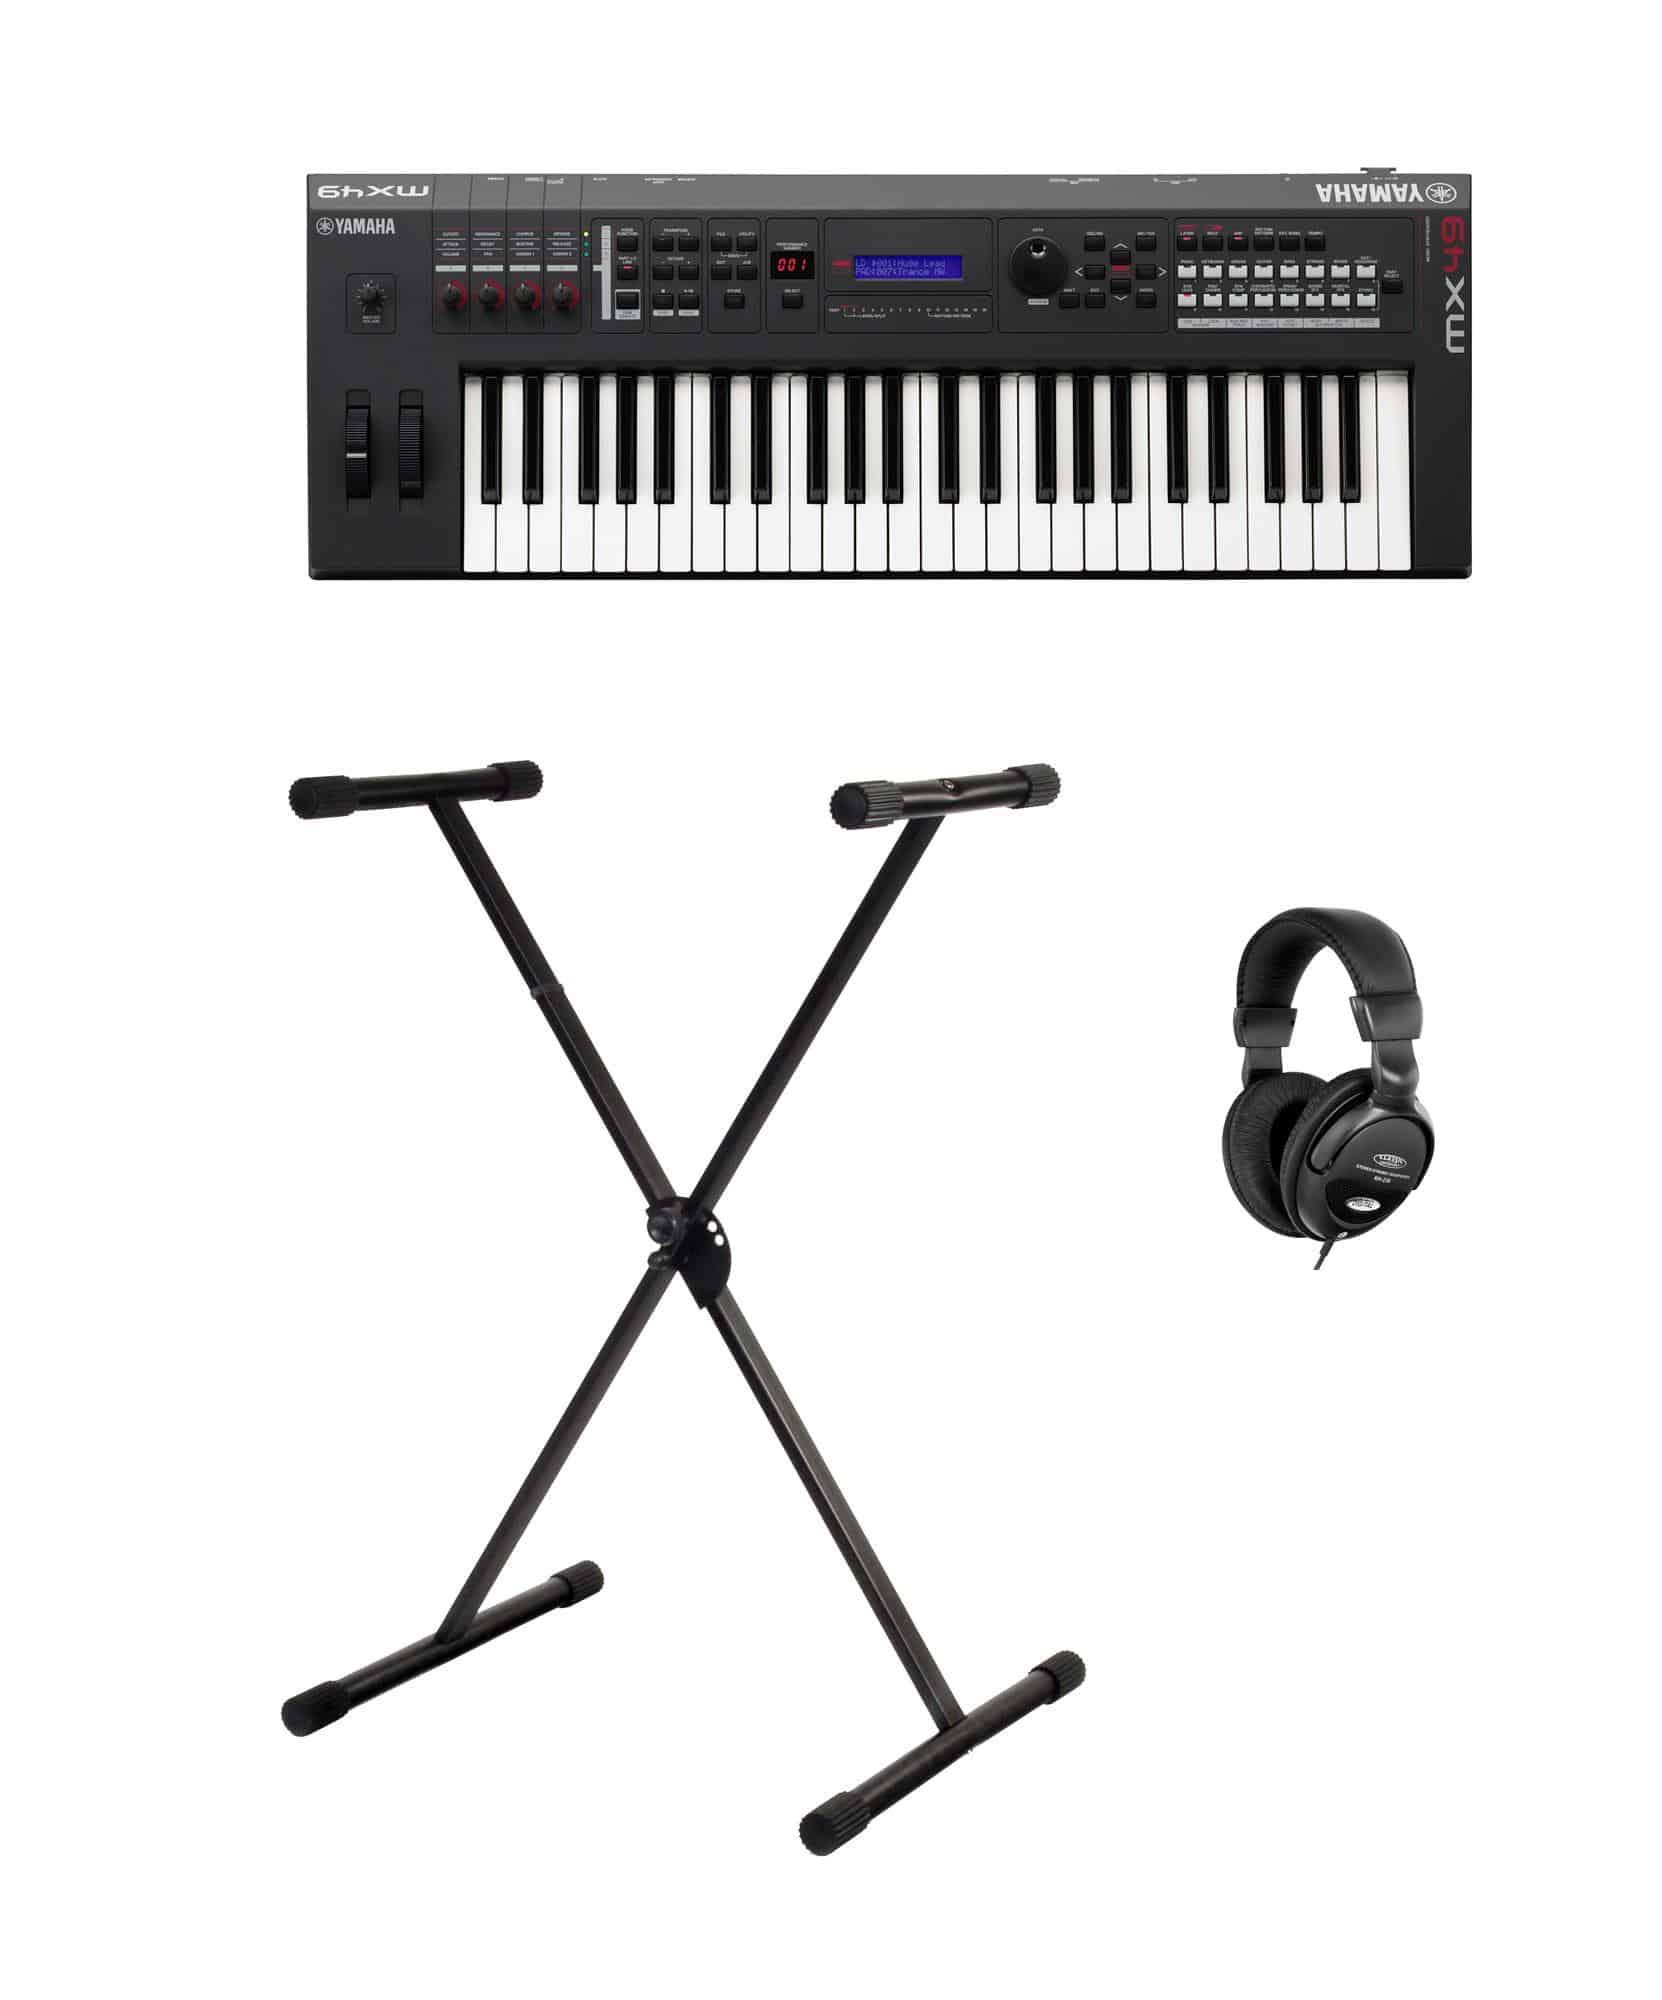 Yamaha MX49 II Music Synthesizer schwarz SET mit Stativ Kopfhörer